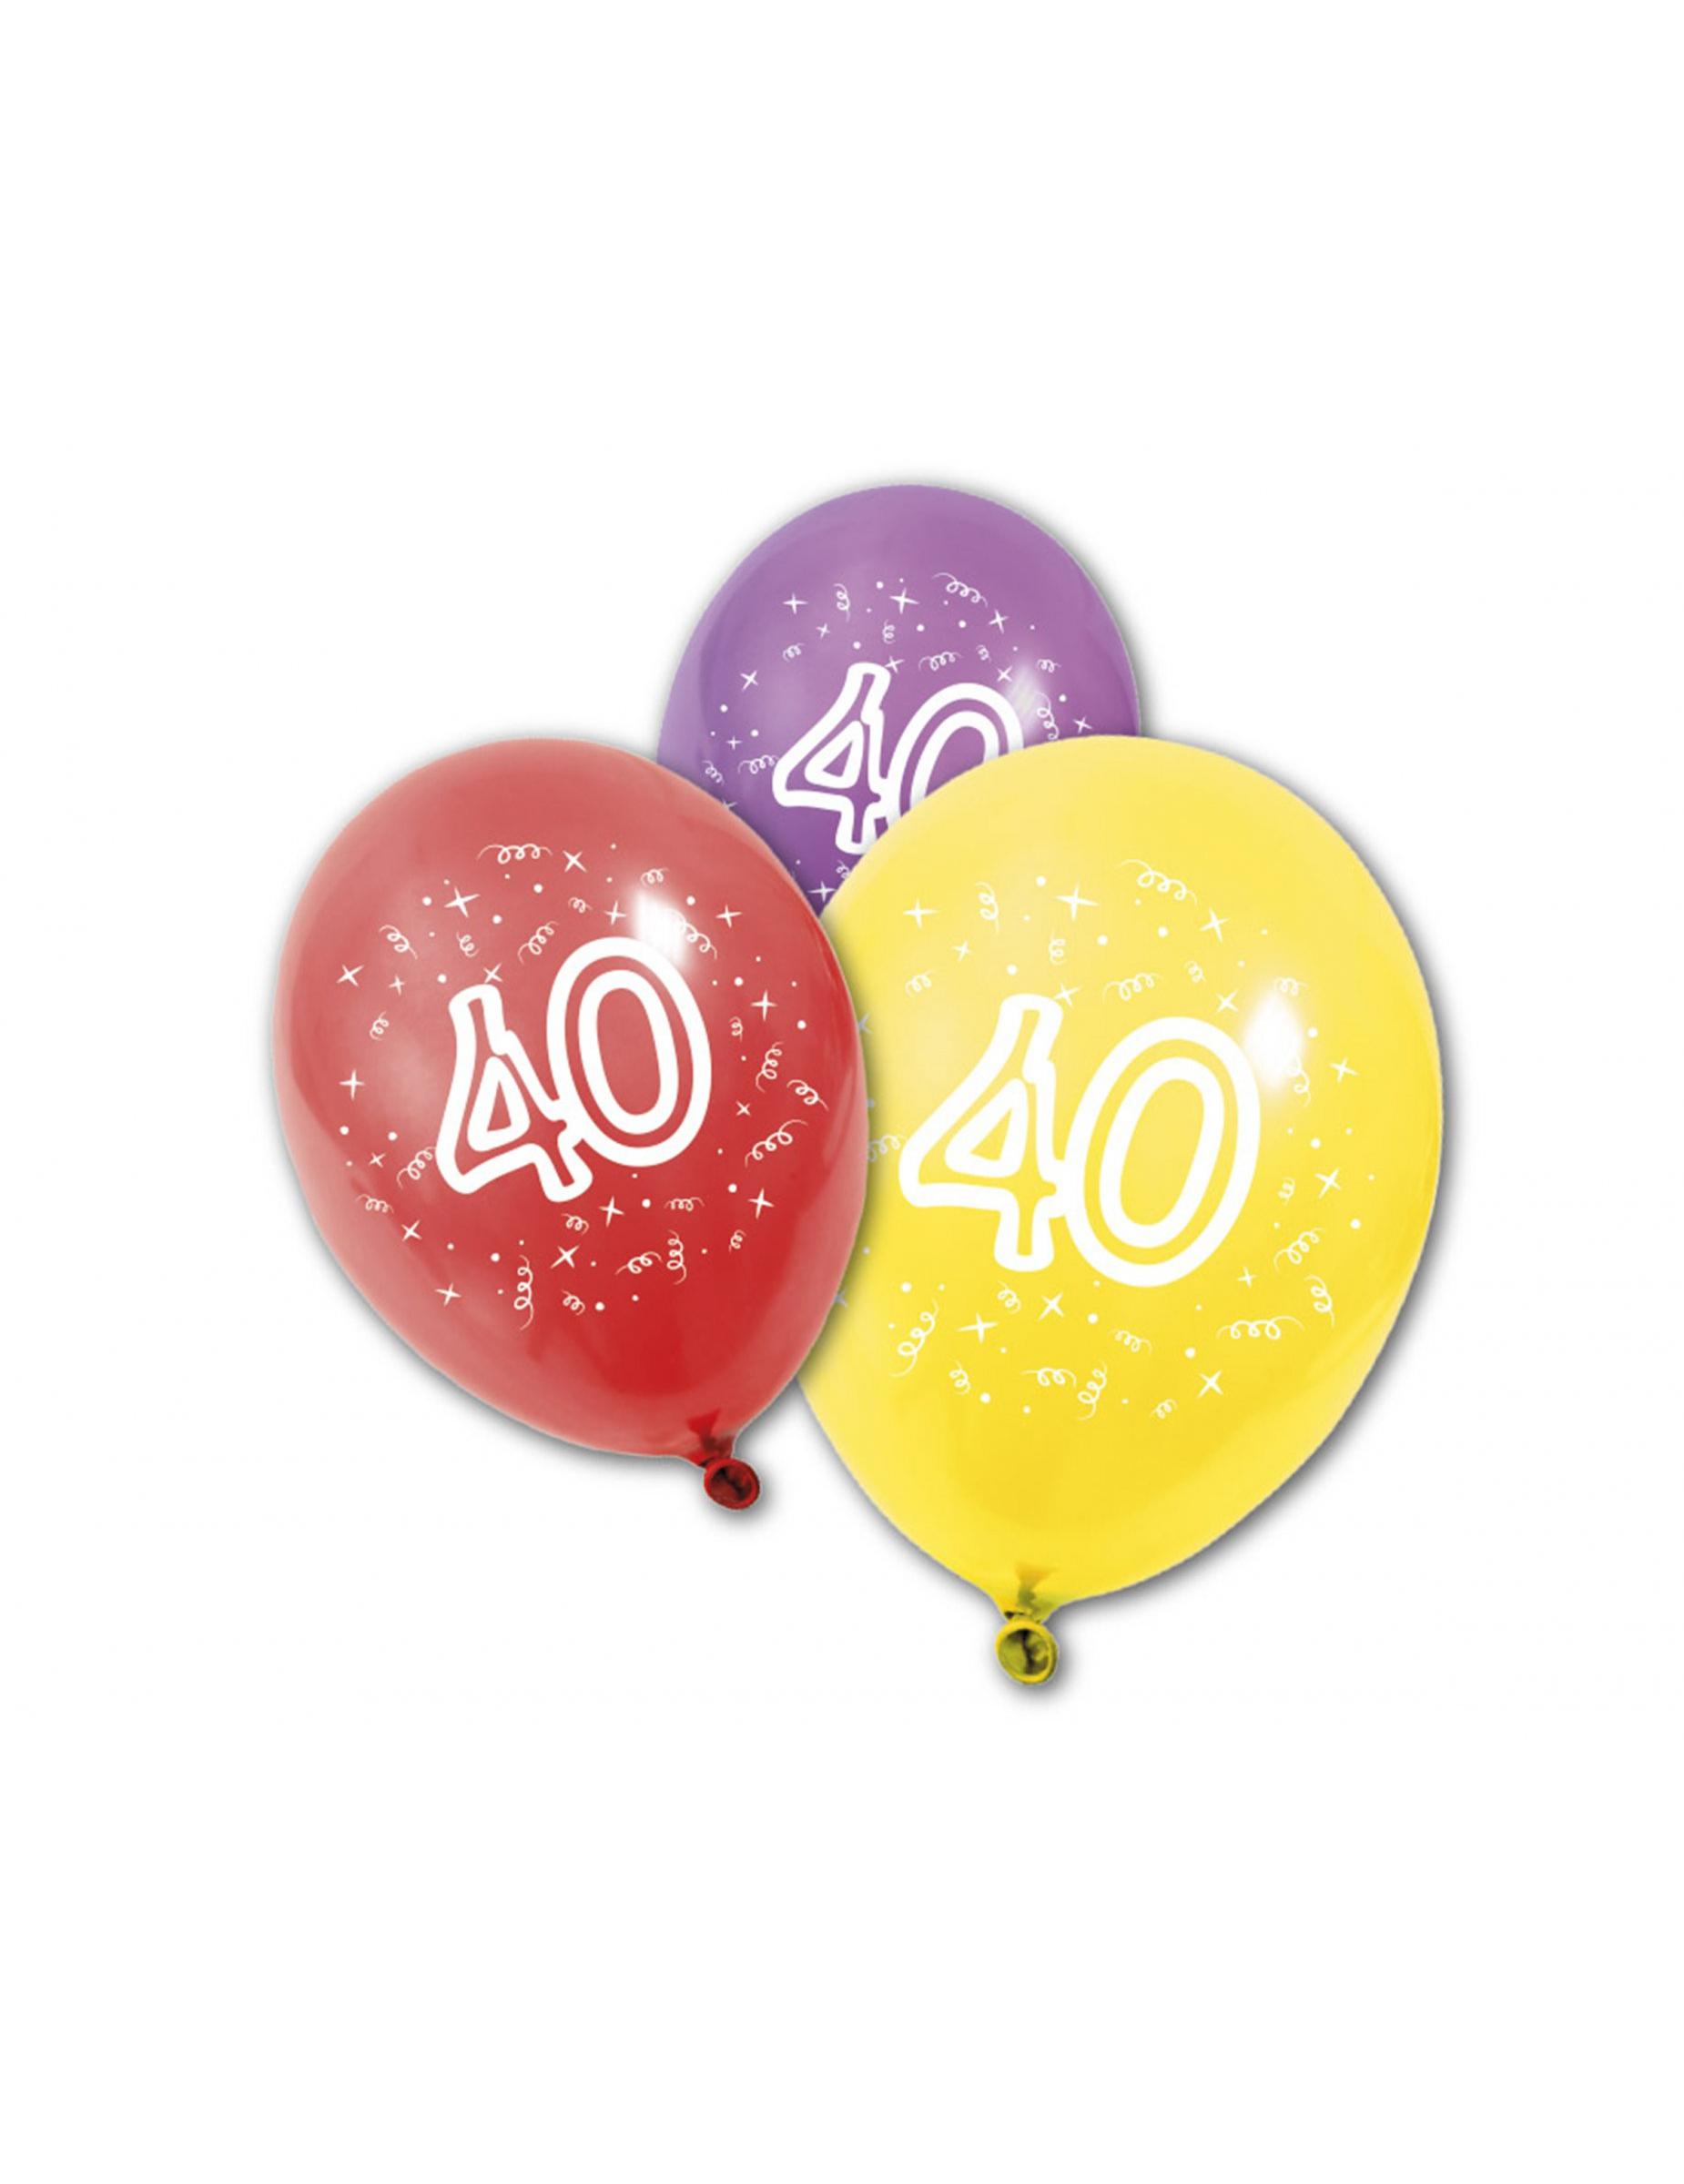 8 ballons en latex anniversaire 40 ans d coration anniversaire et f tes th me sur vegaoo party. Black Bedroom Furniture Sets. Home Design Ideas